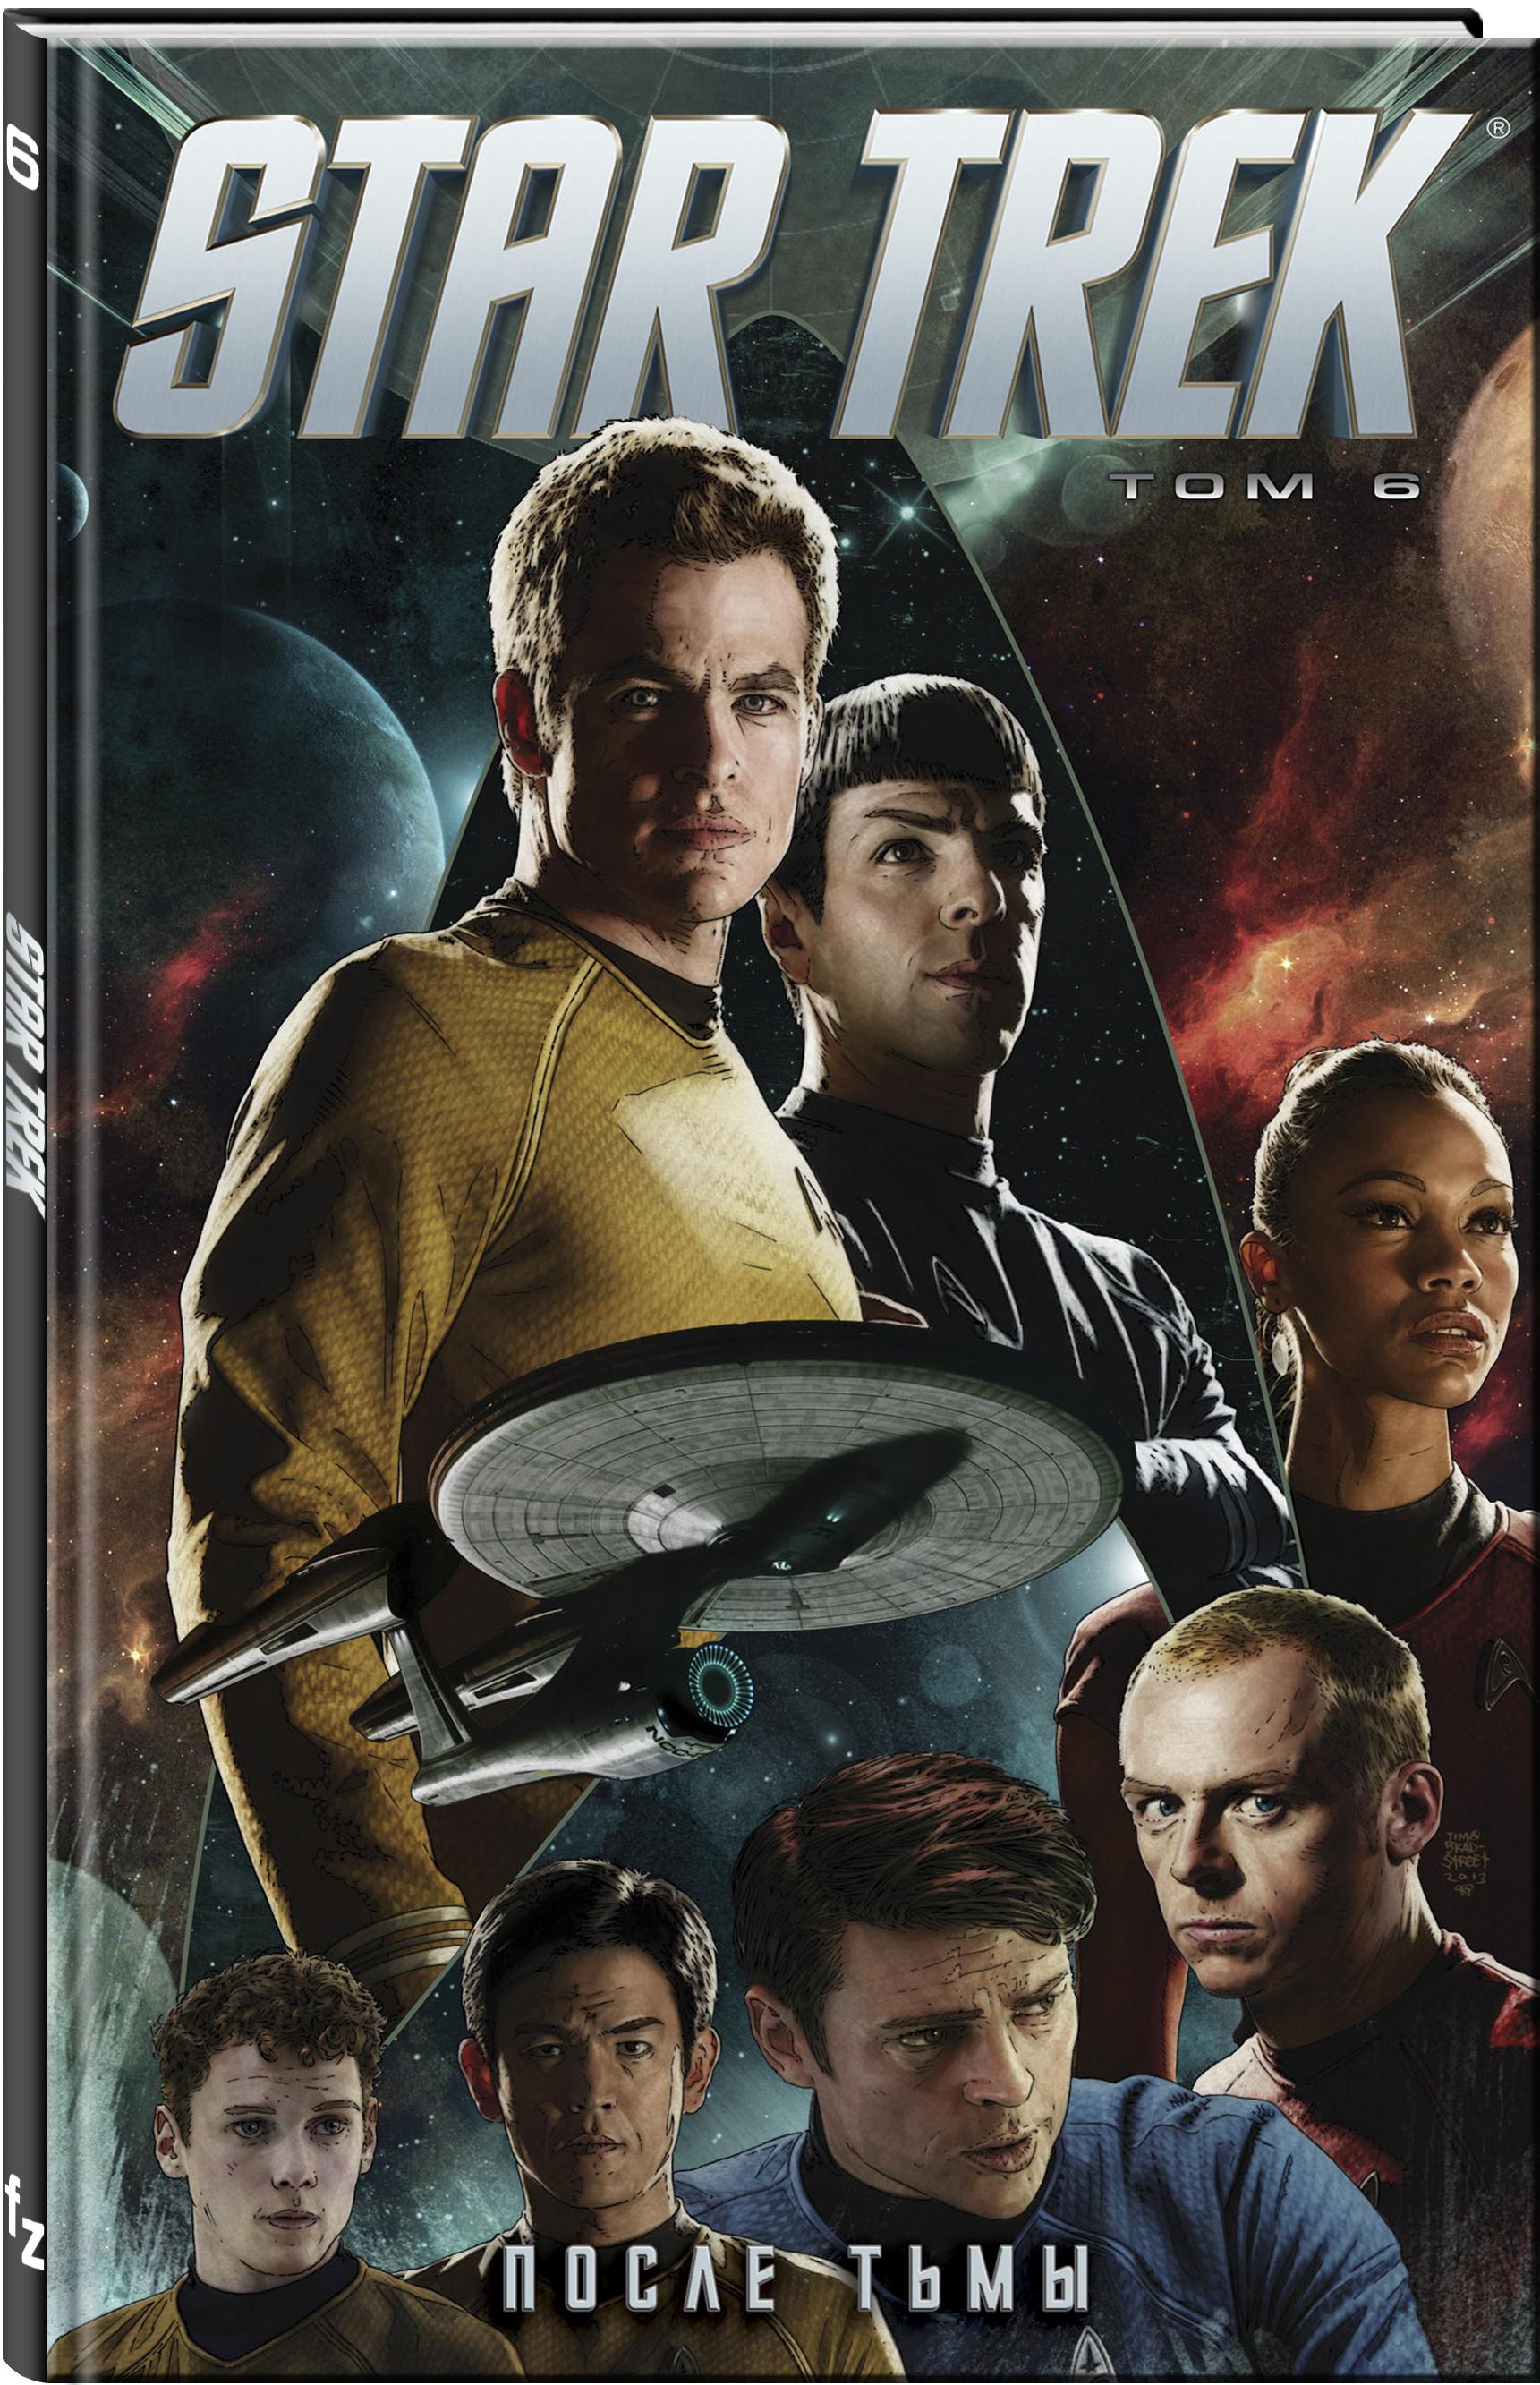 Джонсон М. Стартрек / Star Trek. Том 6: После тьмы цена и фото